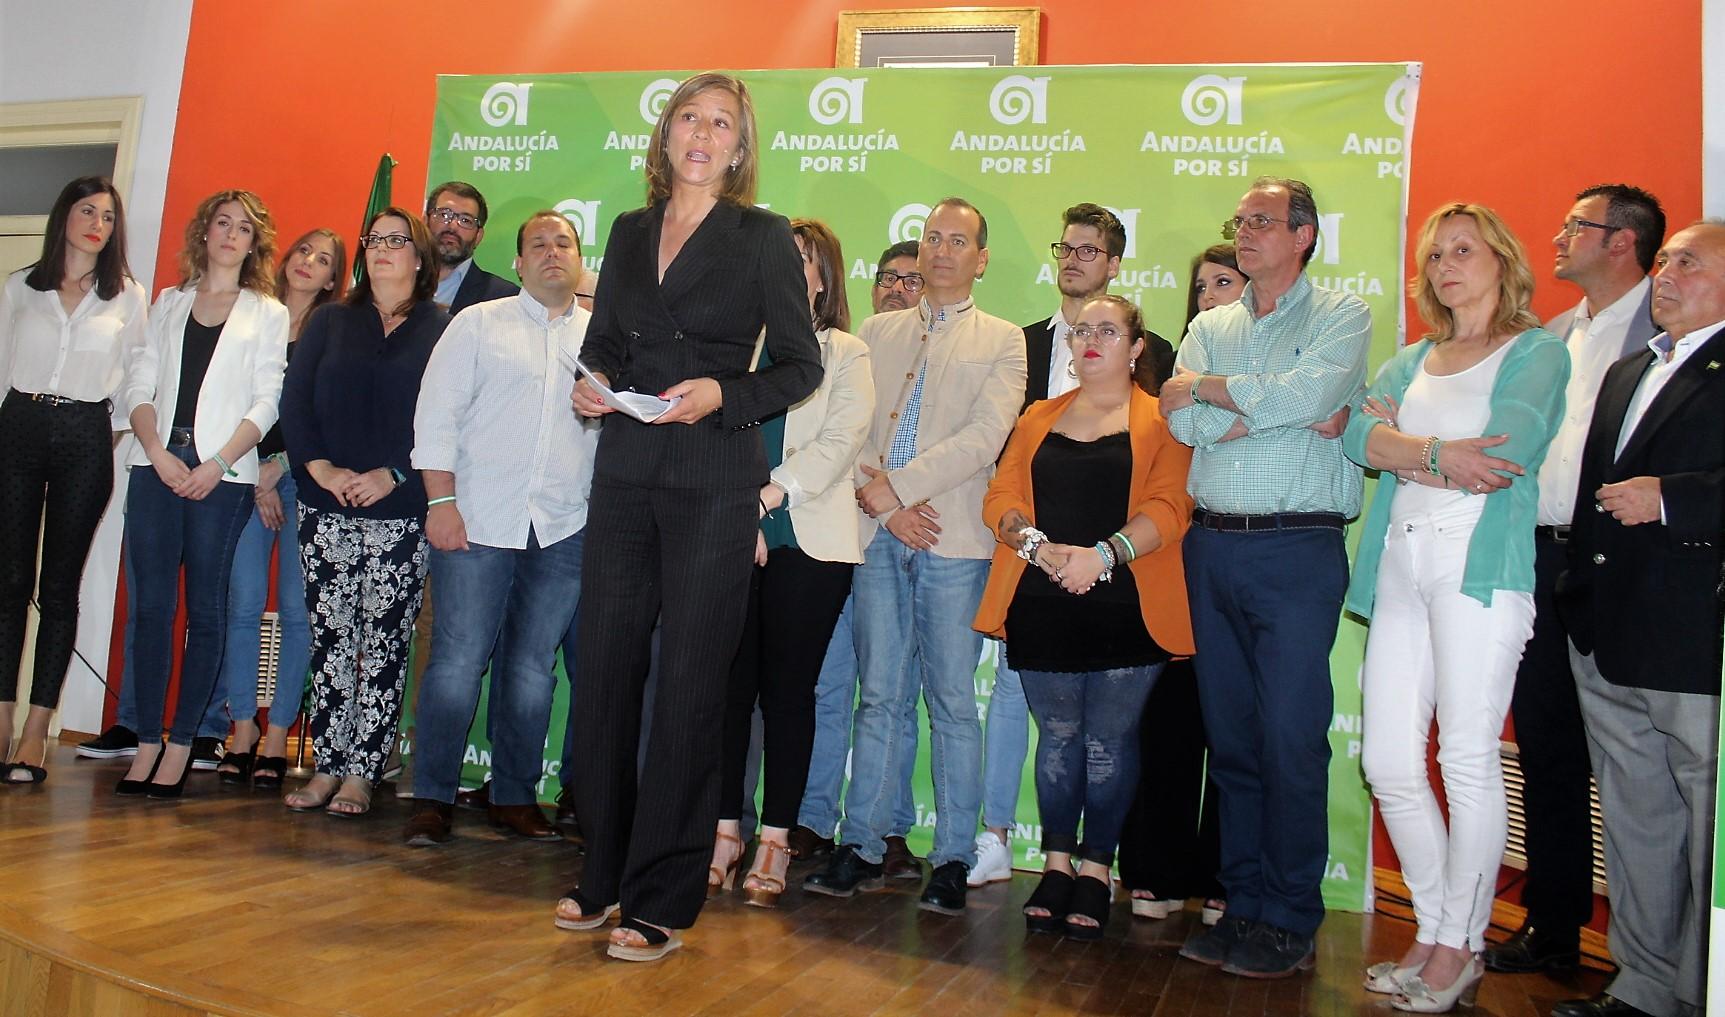 Andalucía por Sí conforma una candidatura para gobernar en la ciudad